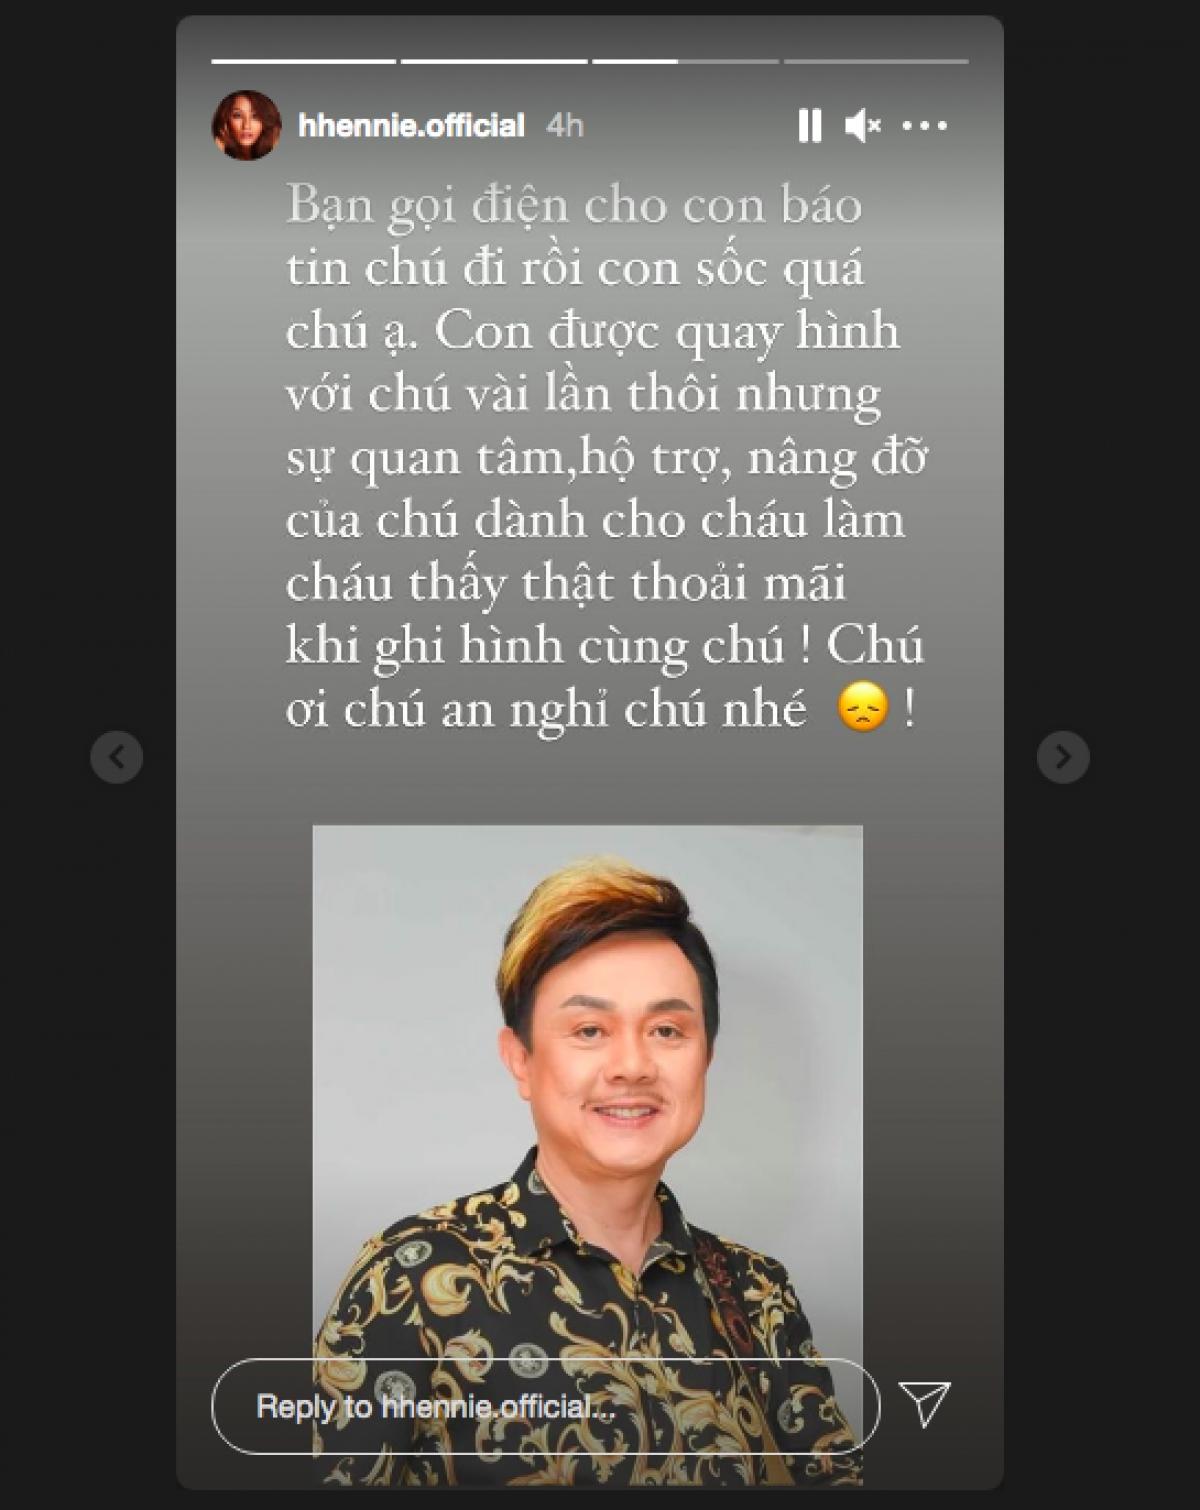 Hoa hậu H'Hen Niê chia sẻ khi được báo tin danh hài Chí Tài qua đời.